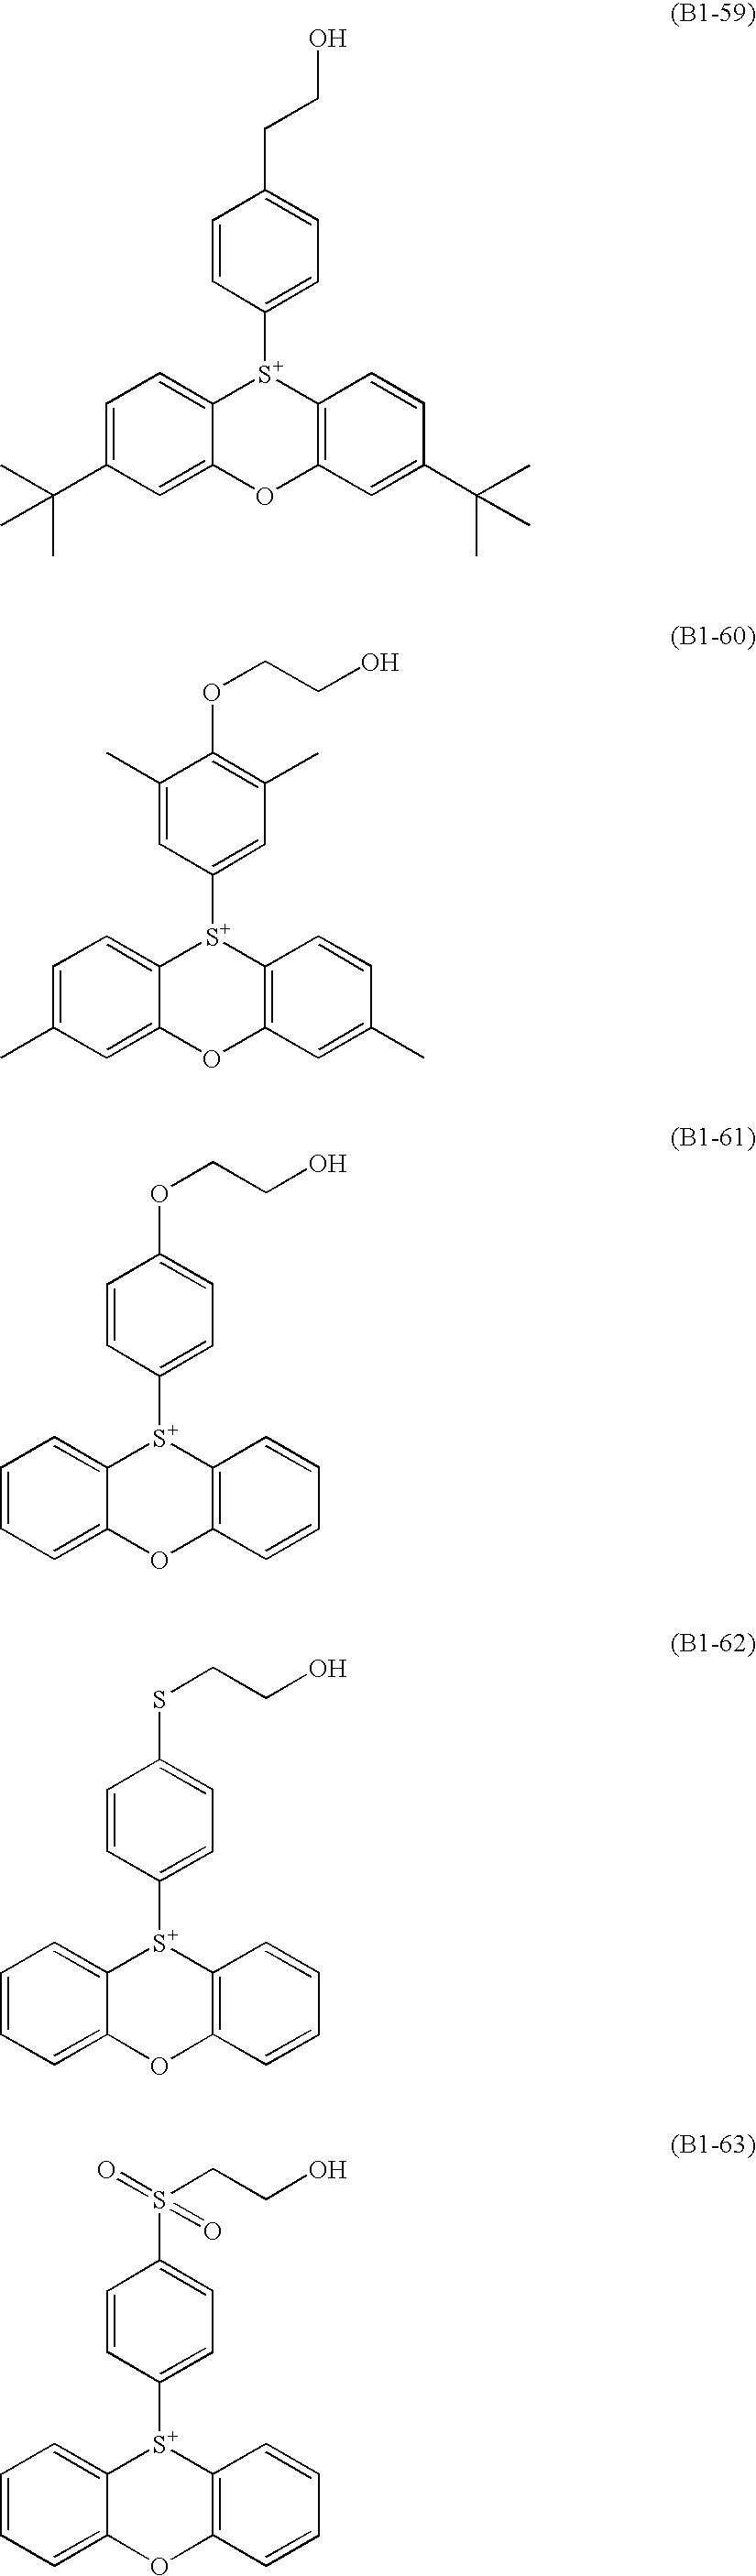 Figure US08852845-20141007-C00022